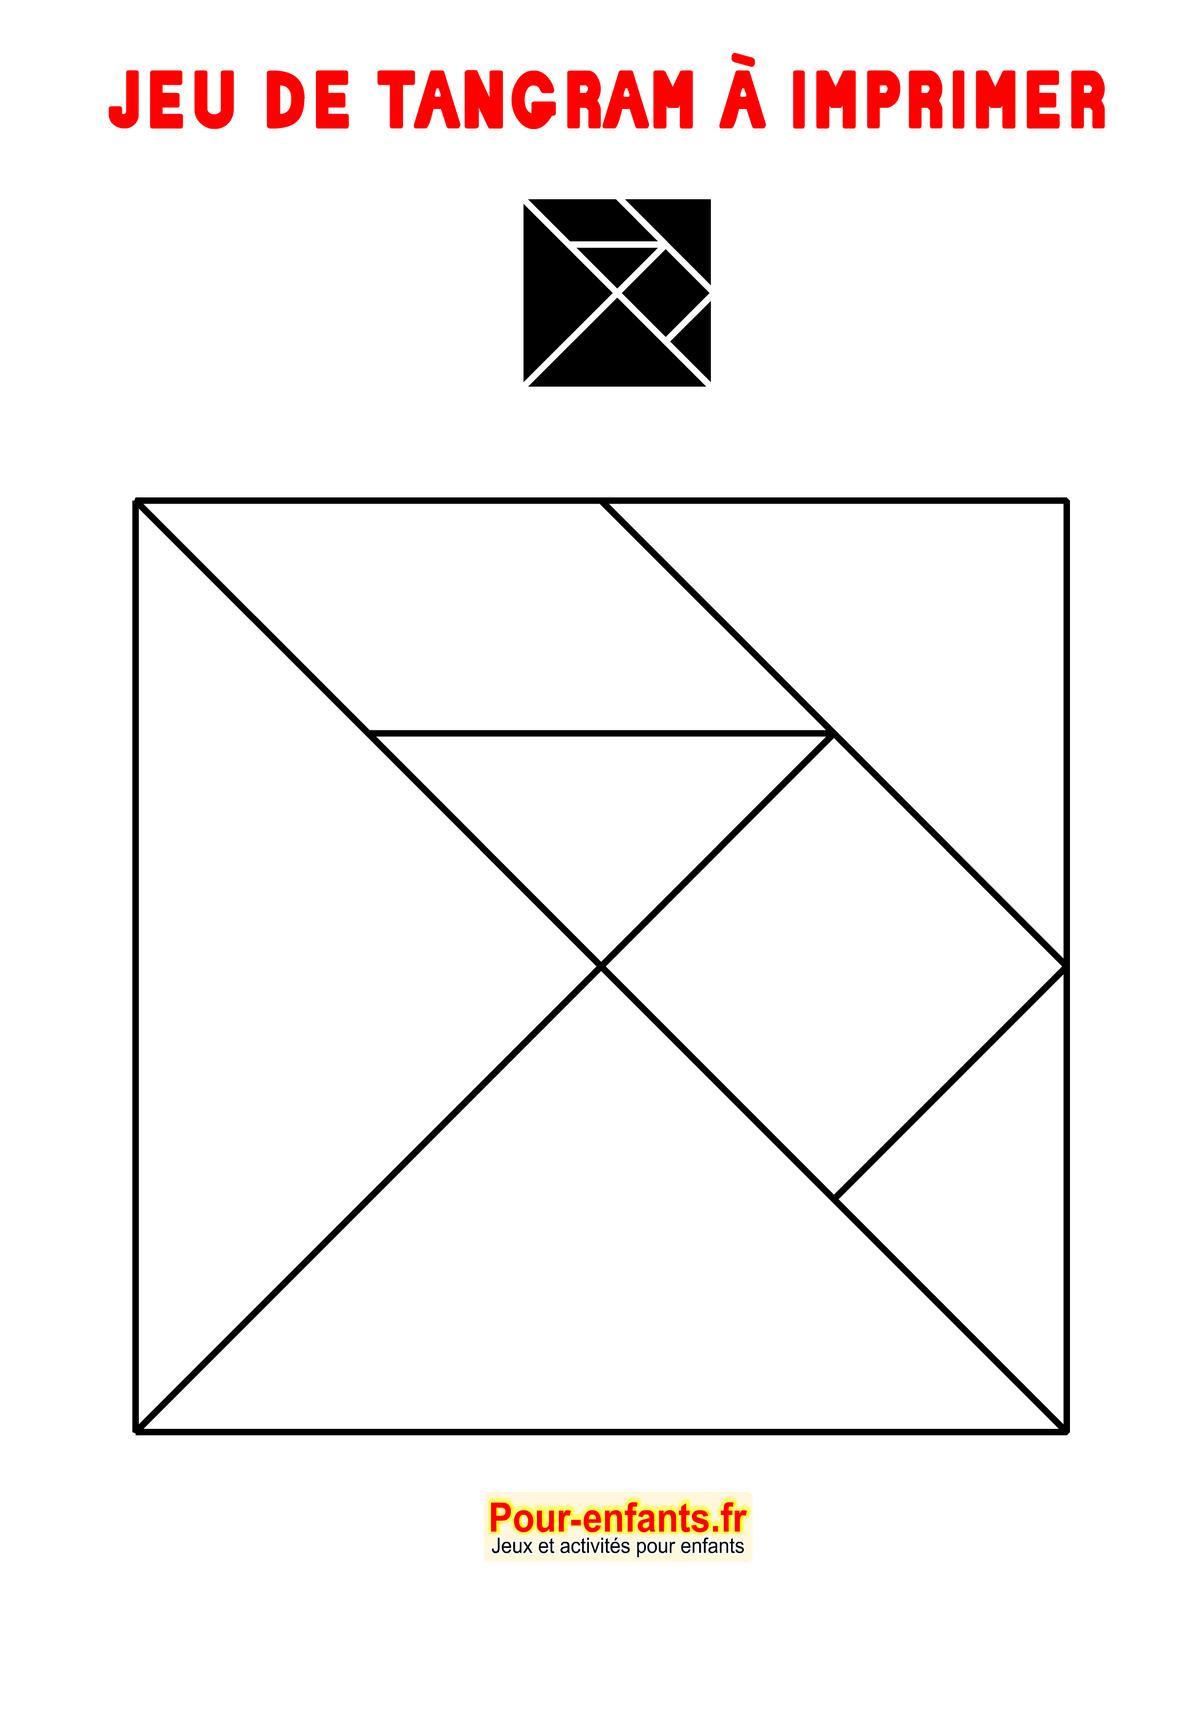 Tangram À Imprimer Maternelle Gratuit Jeux Tangrams à Jeux Maternelle Moyenne Section